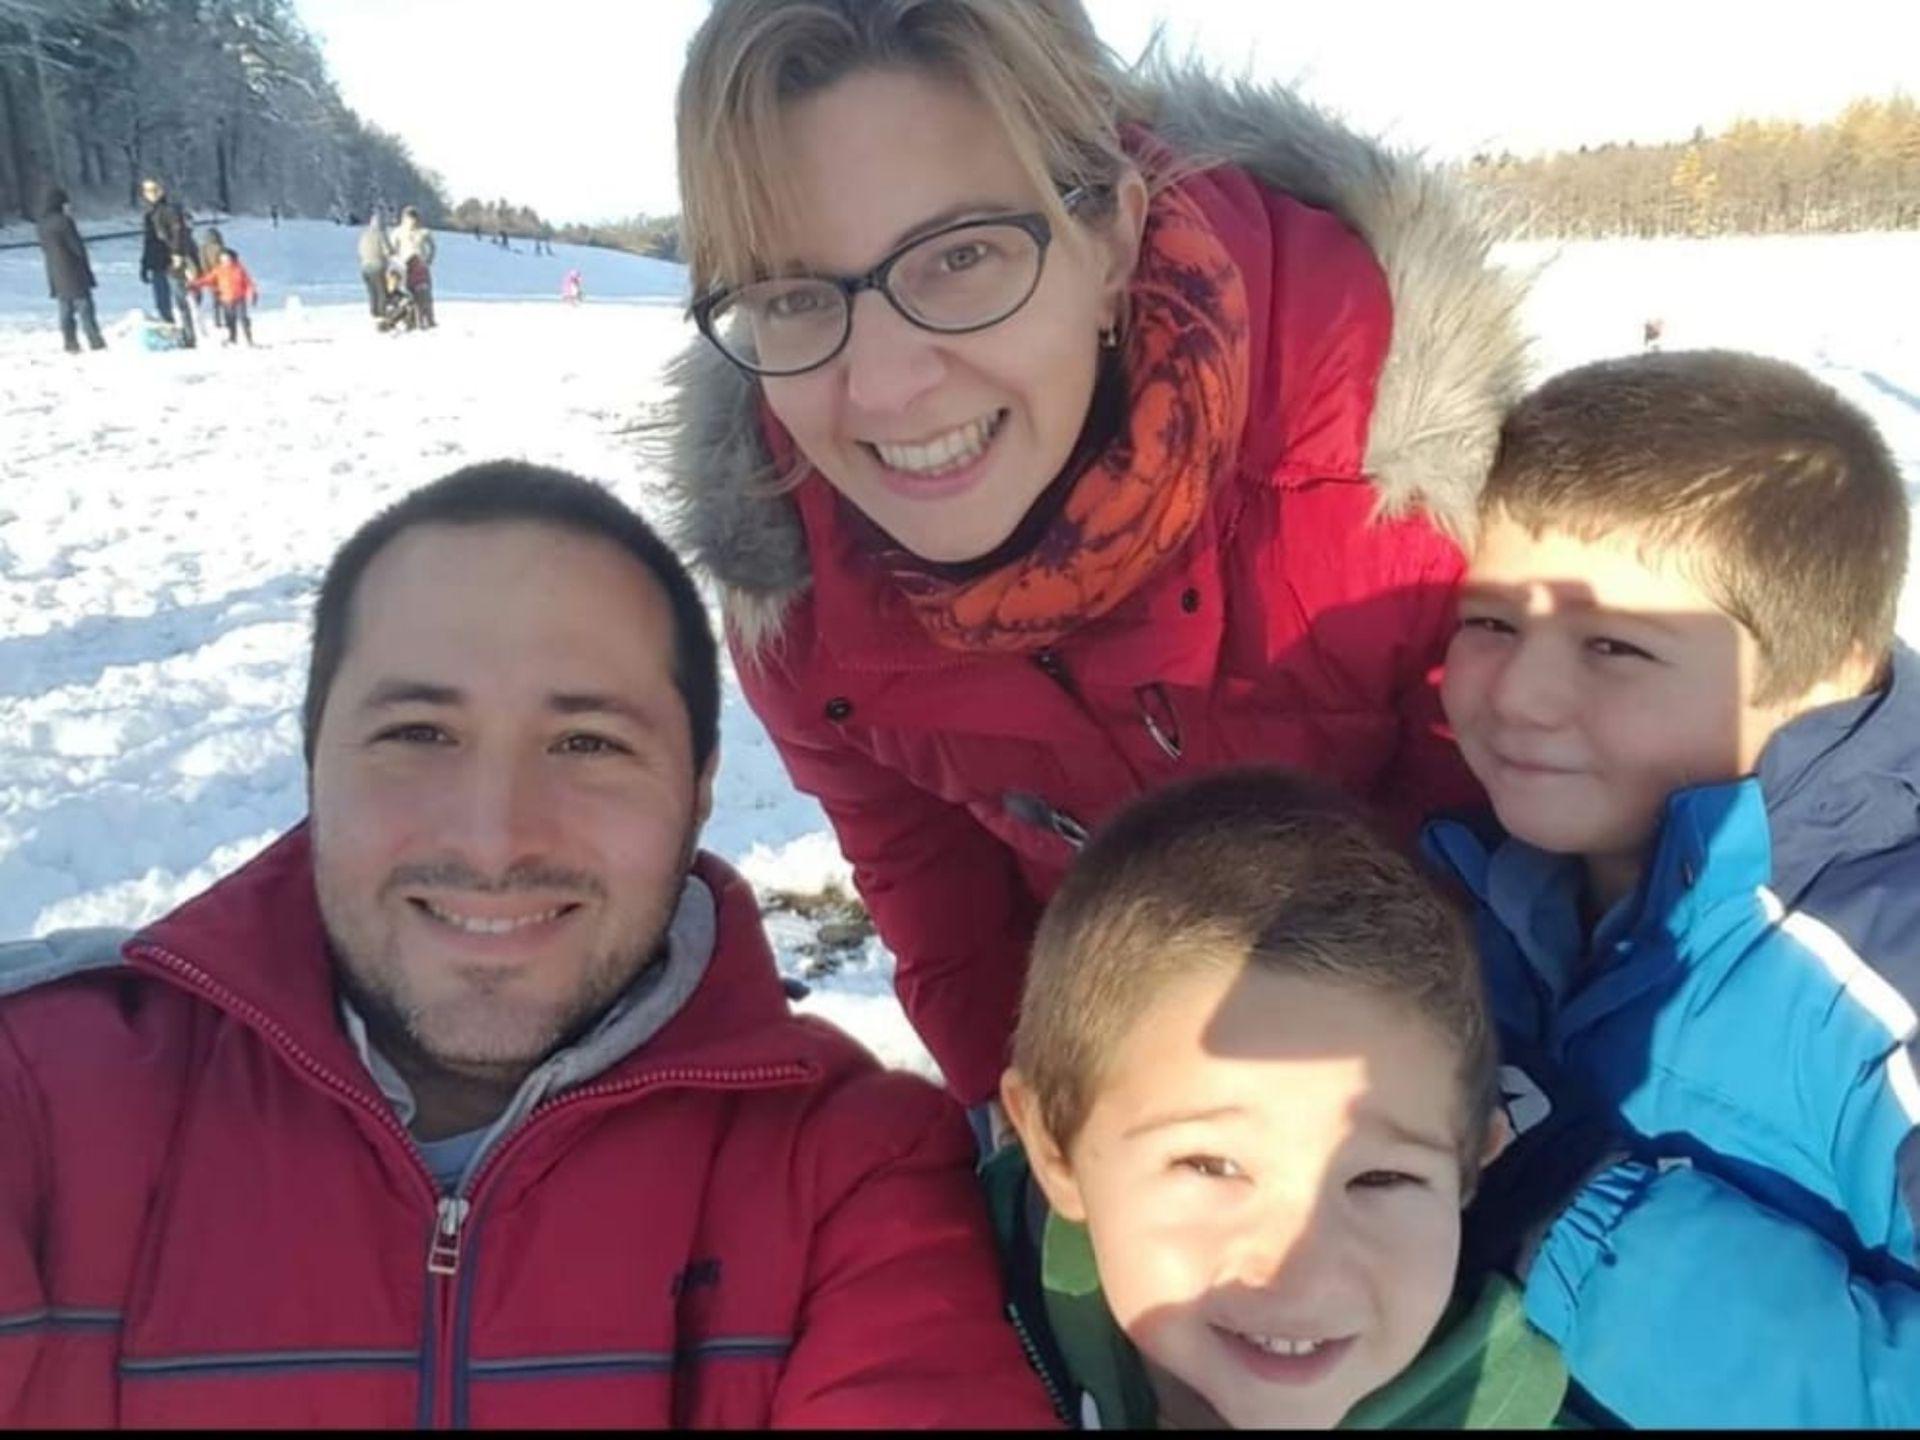 Un paseo por la nieve en Lausanne junto a su marido y sus dos hijos.